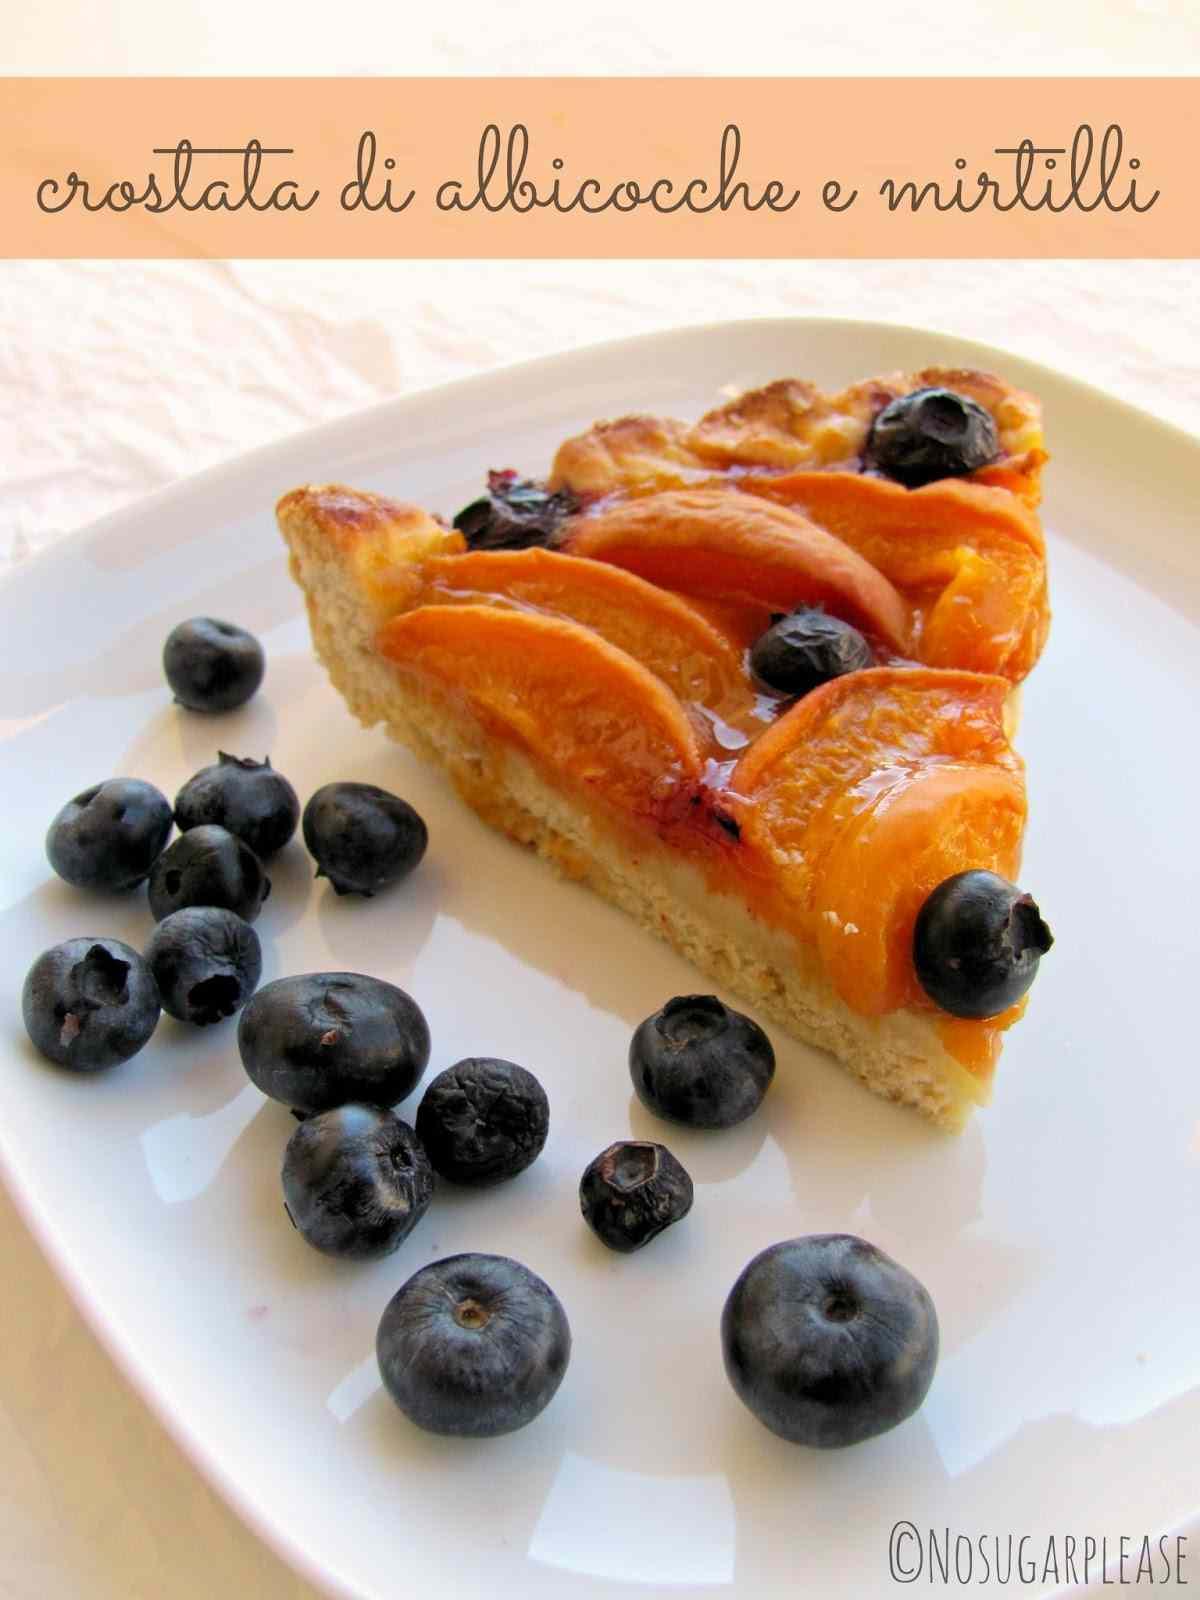 Crostata di albicocche e mirtilli senza zucchero